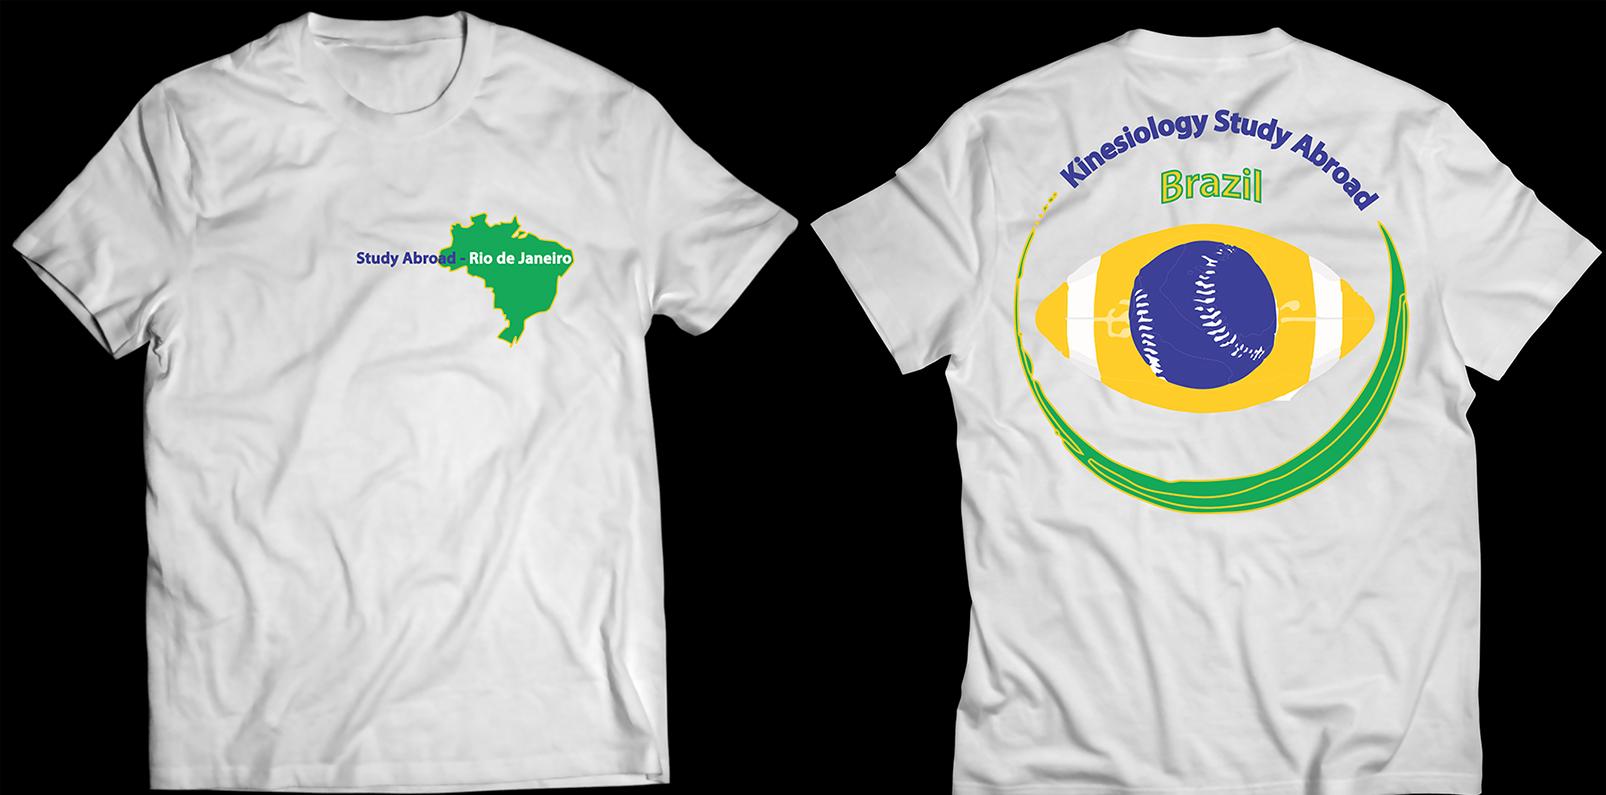 angiolo manfriani, creative designer, shapetheline, Tshirt Logo